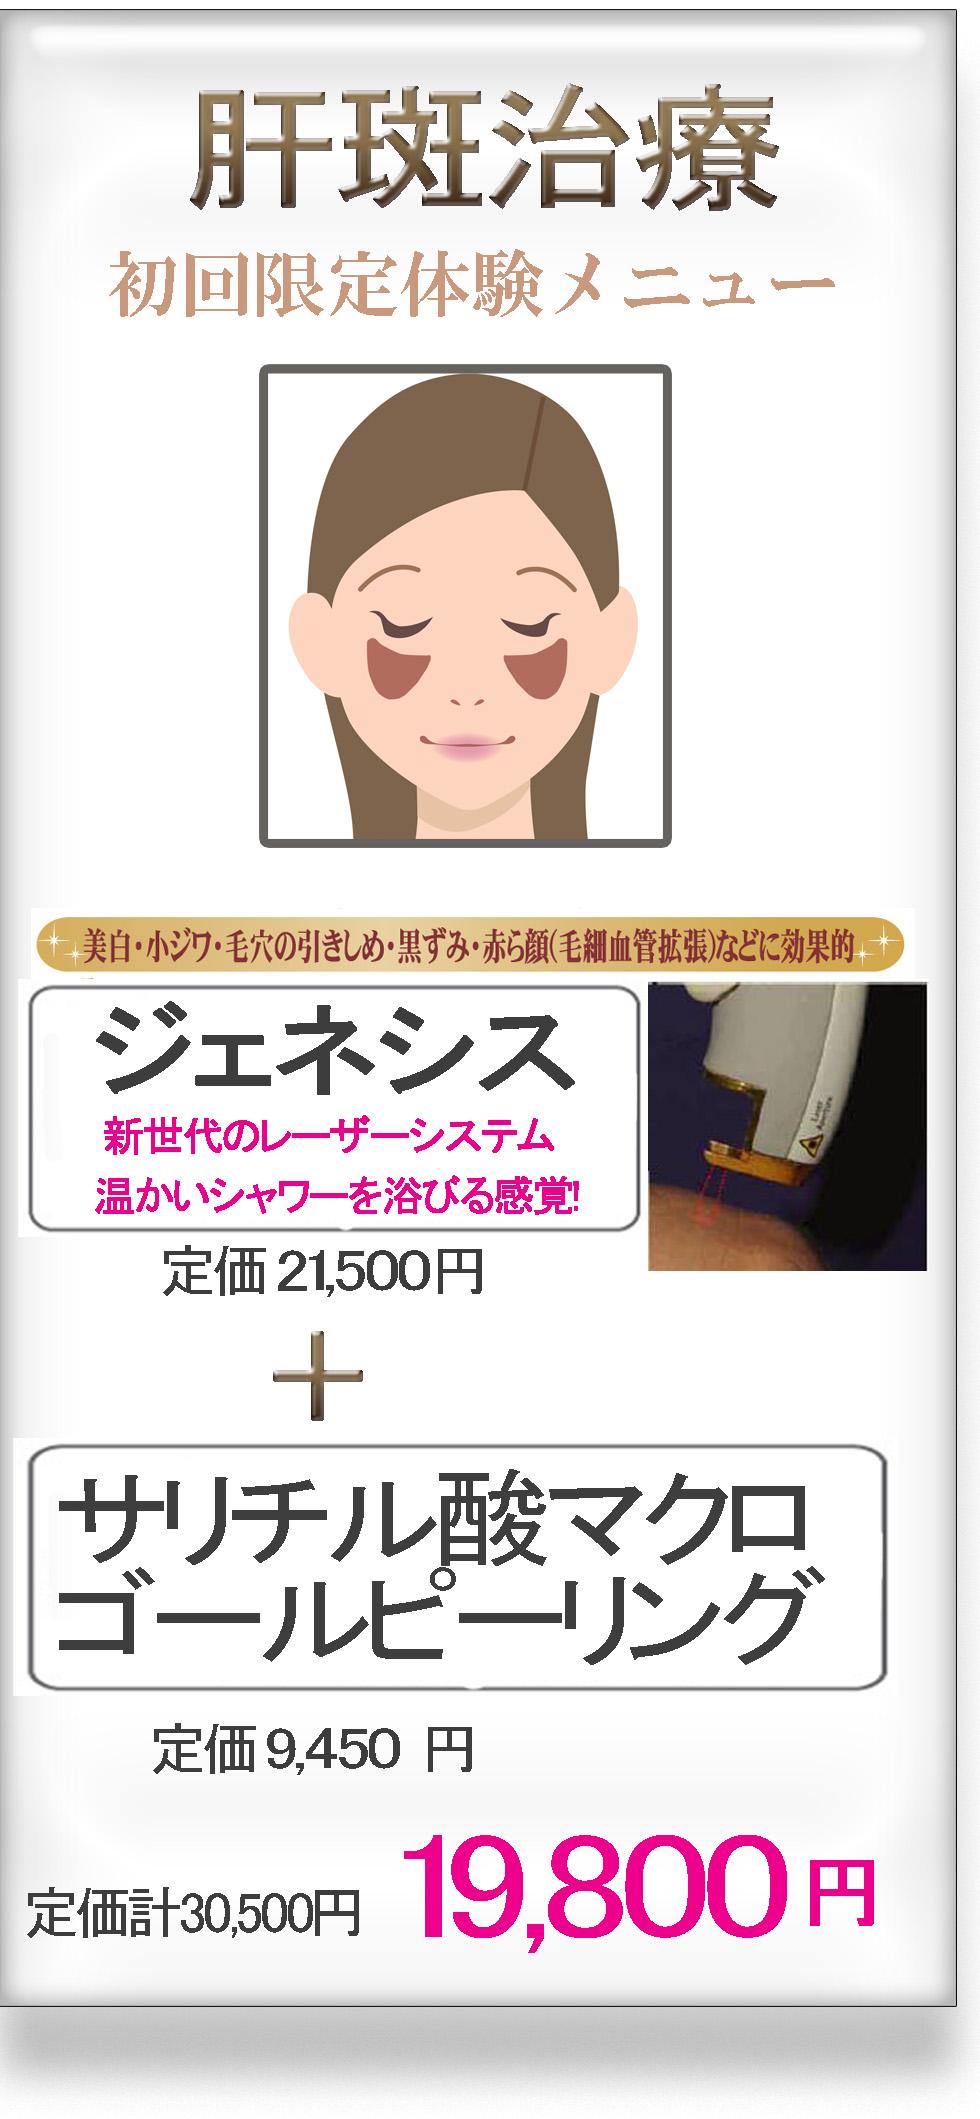 ケミカルピーリングで肝斑治療/美容外科ピュアメディカルクリニック/奈良・大阪・京都